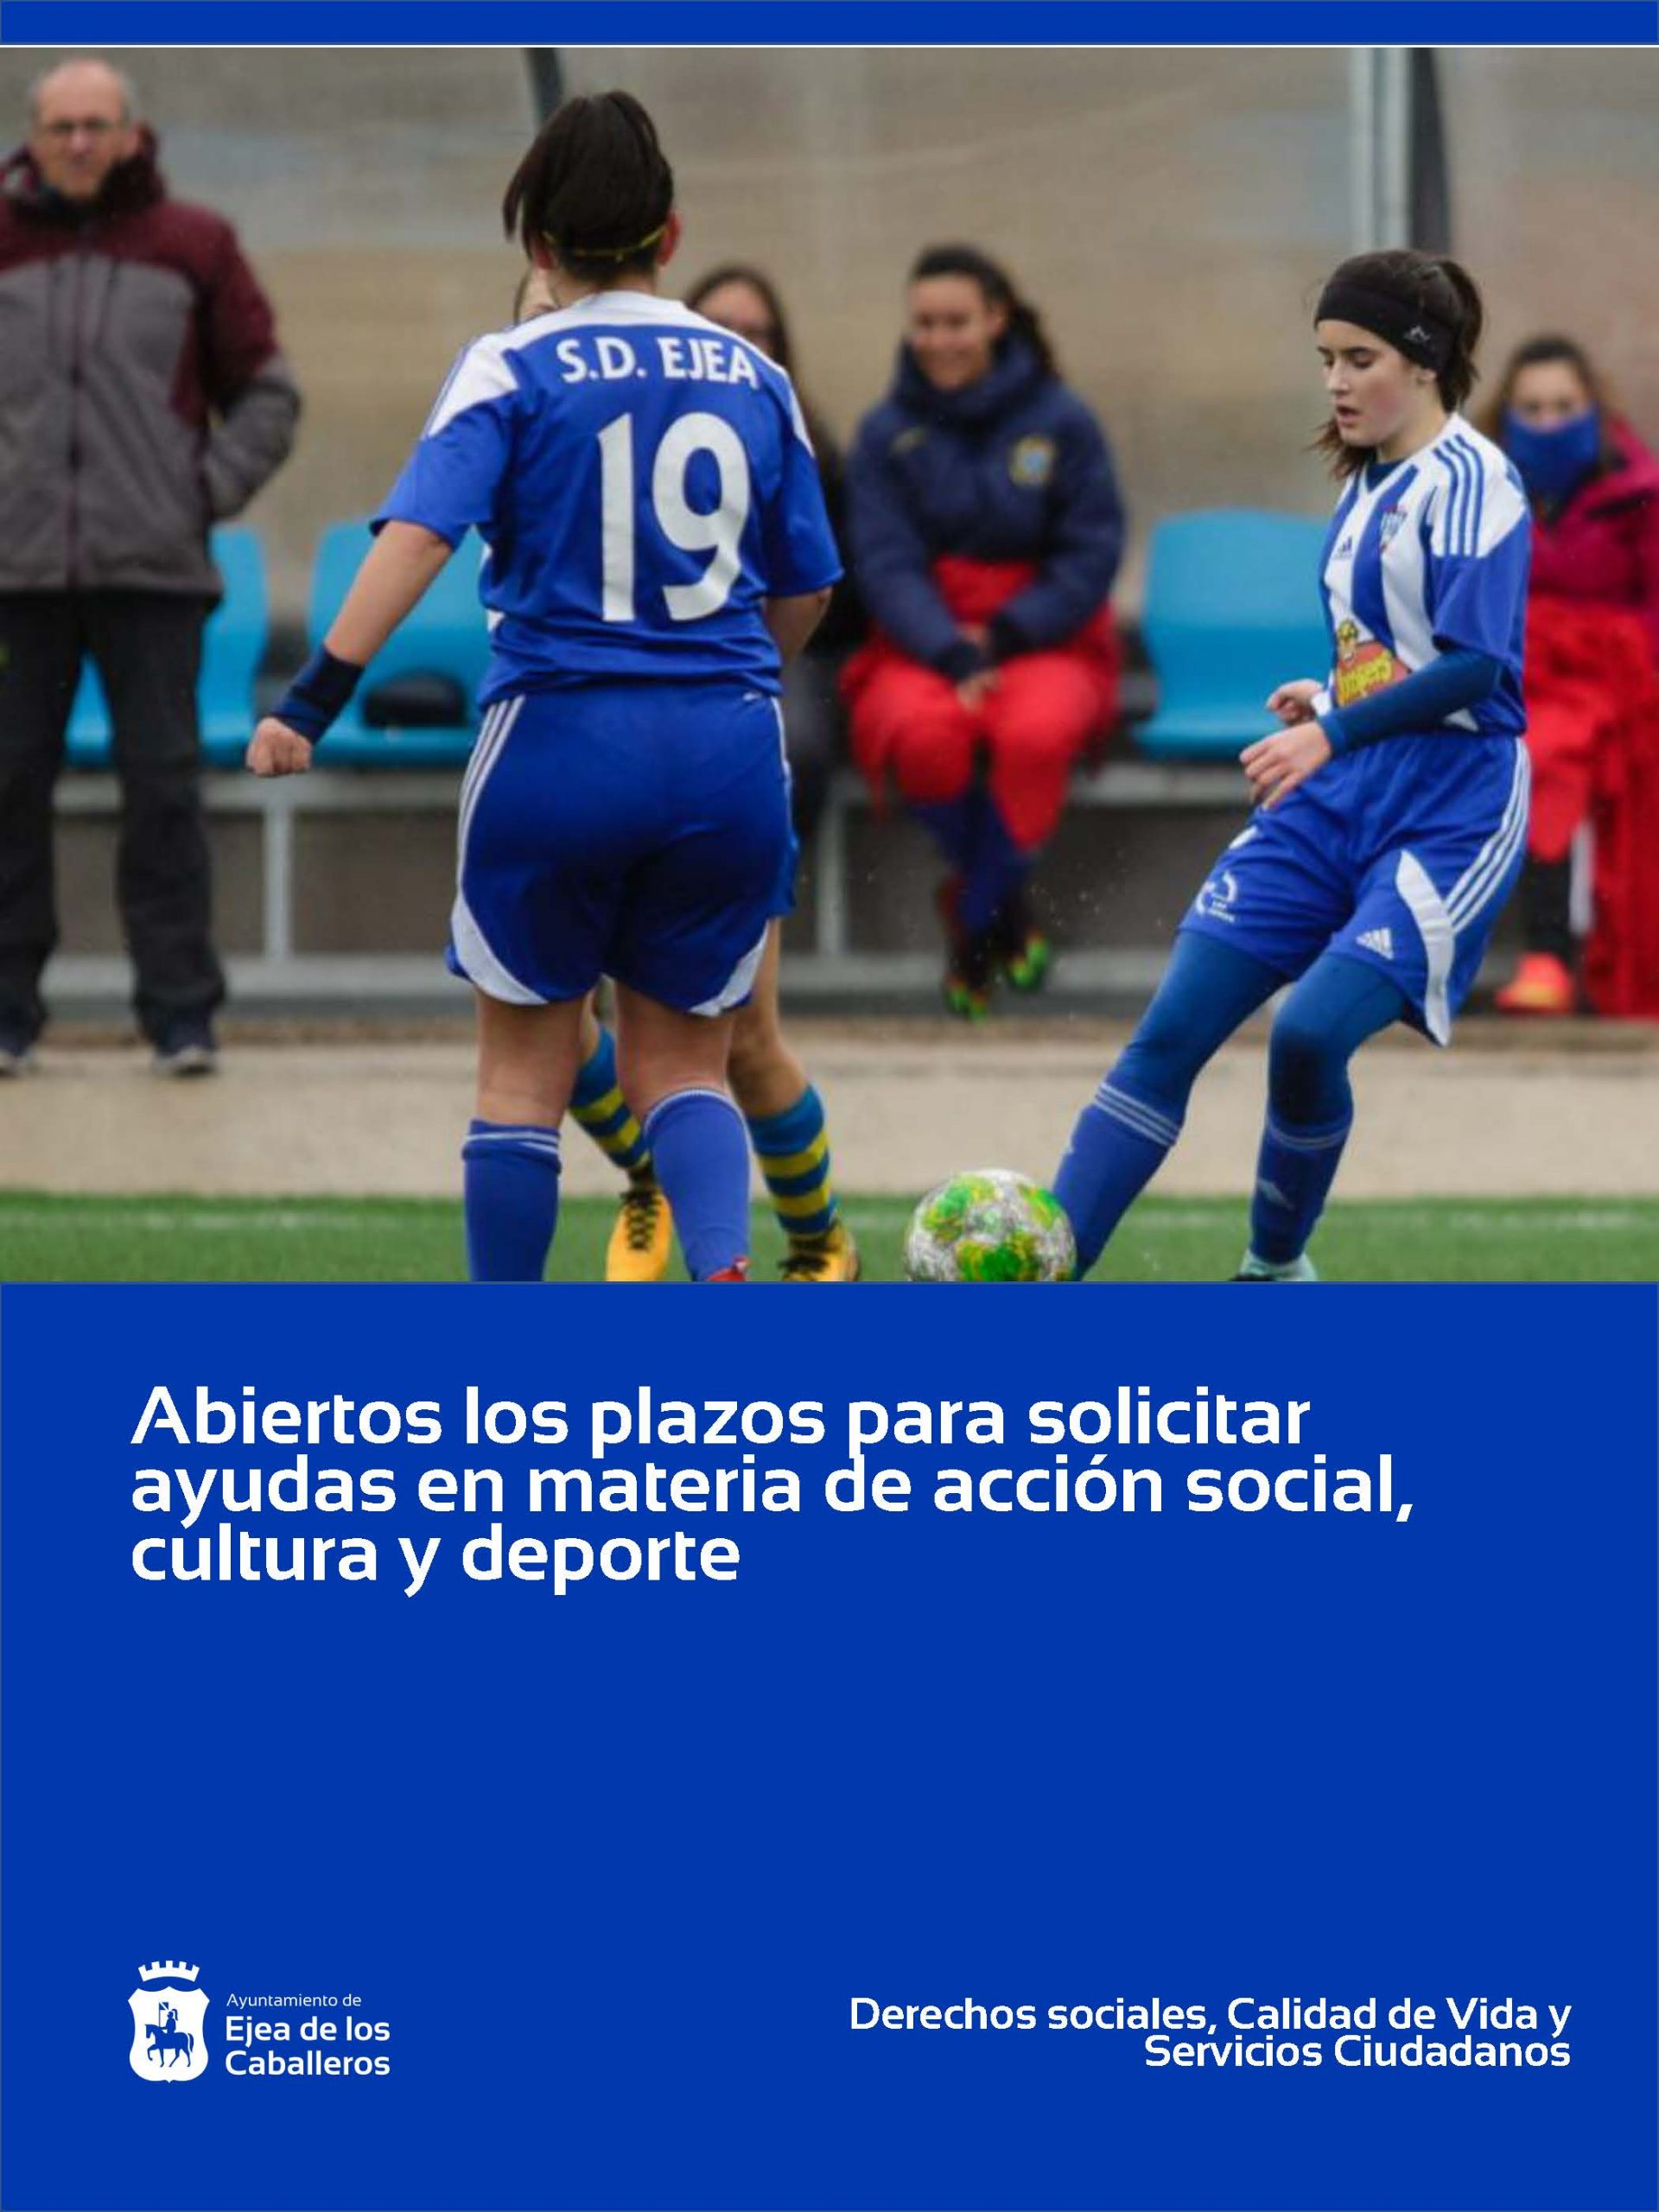 Ayudas en materia de acción social, cultura y deporte para entidades de Ejea de los Caballeros